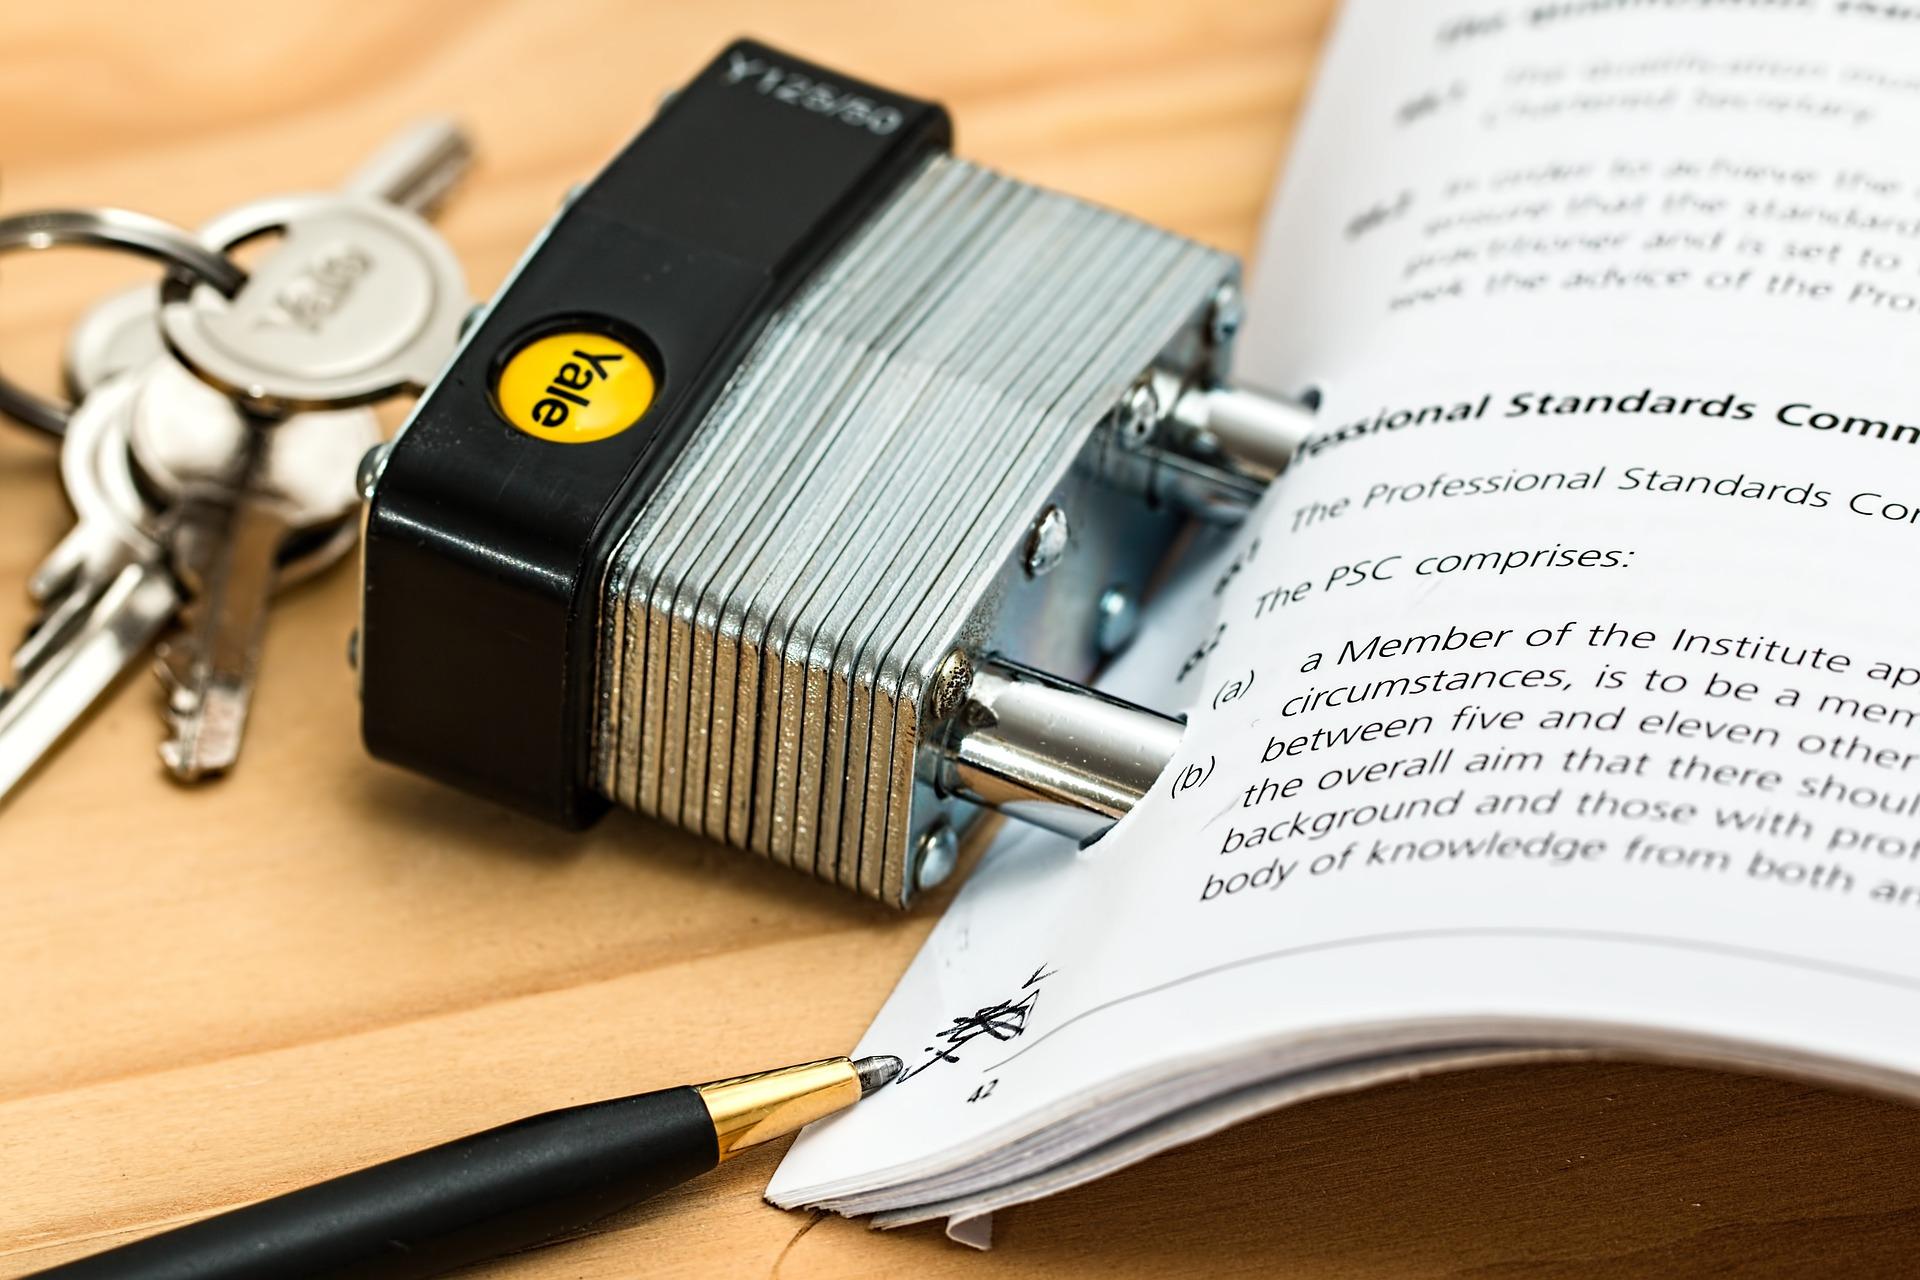 gebruiksvergoeding in mindering bij wettelijke garantie